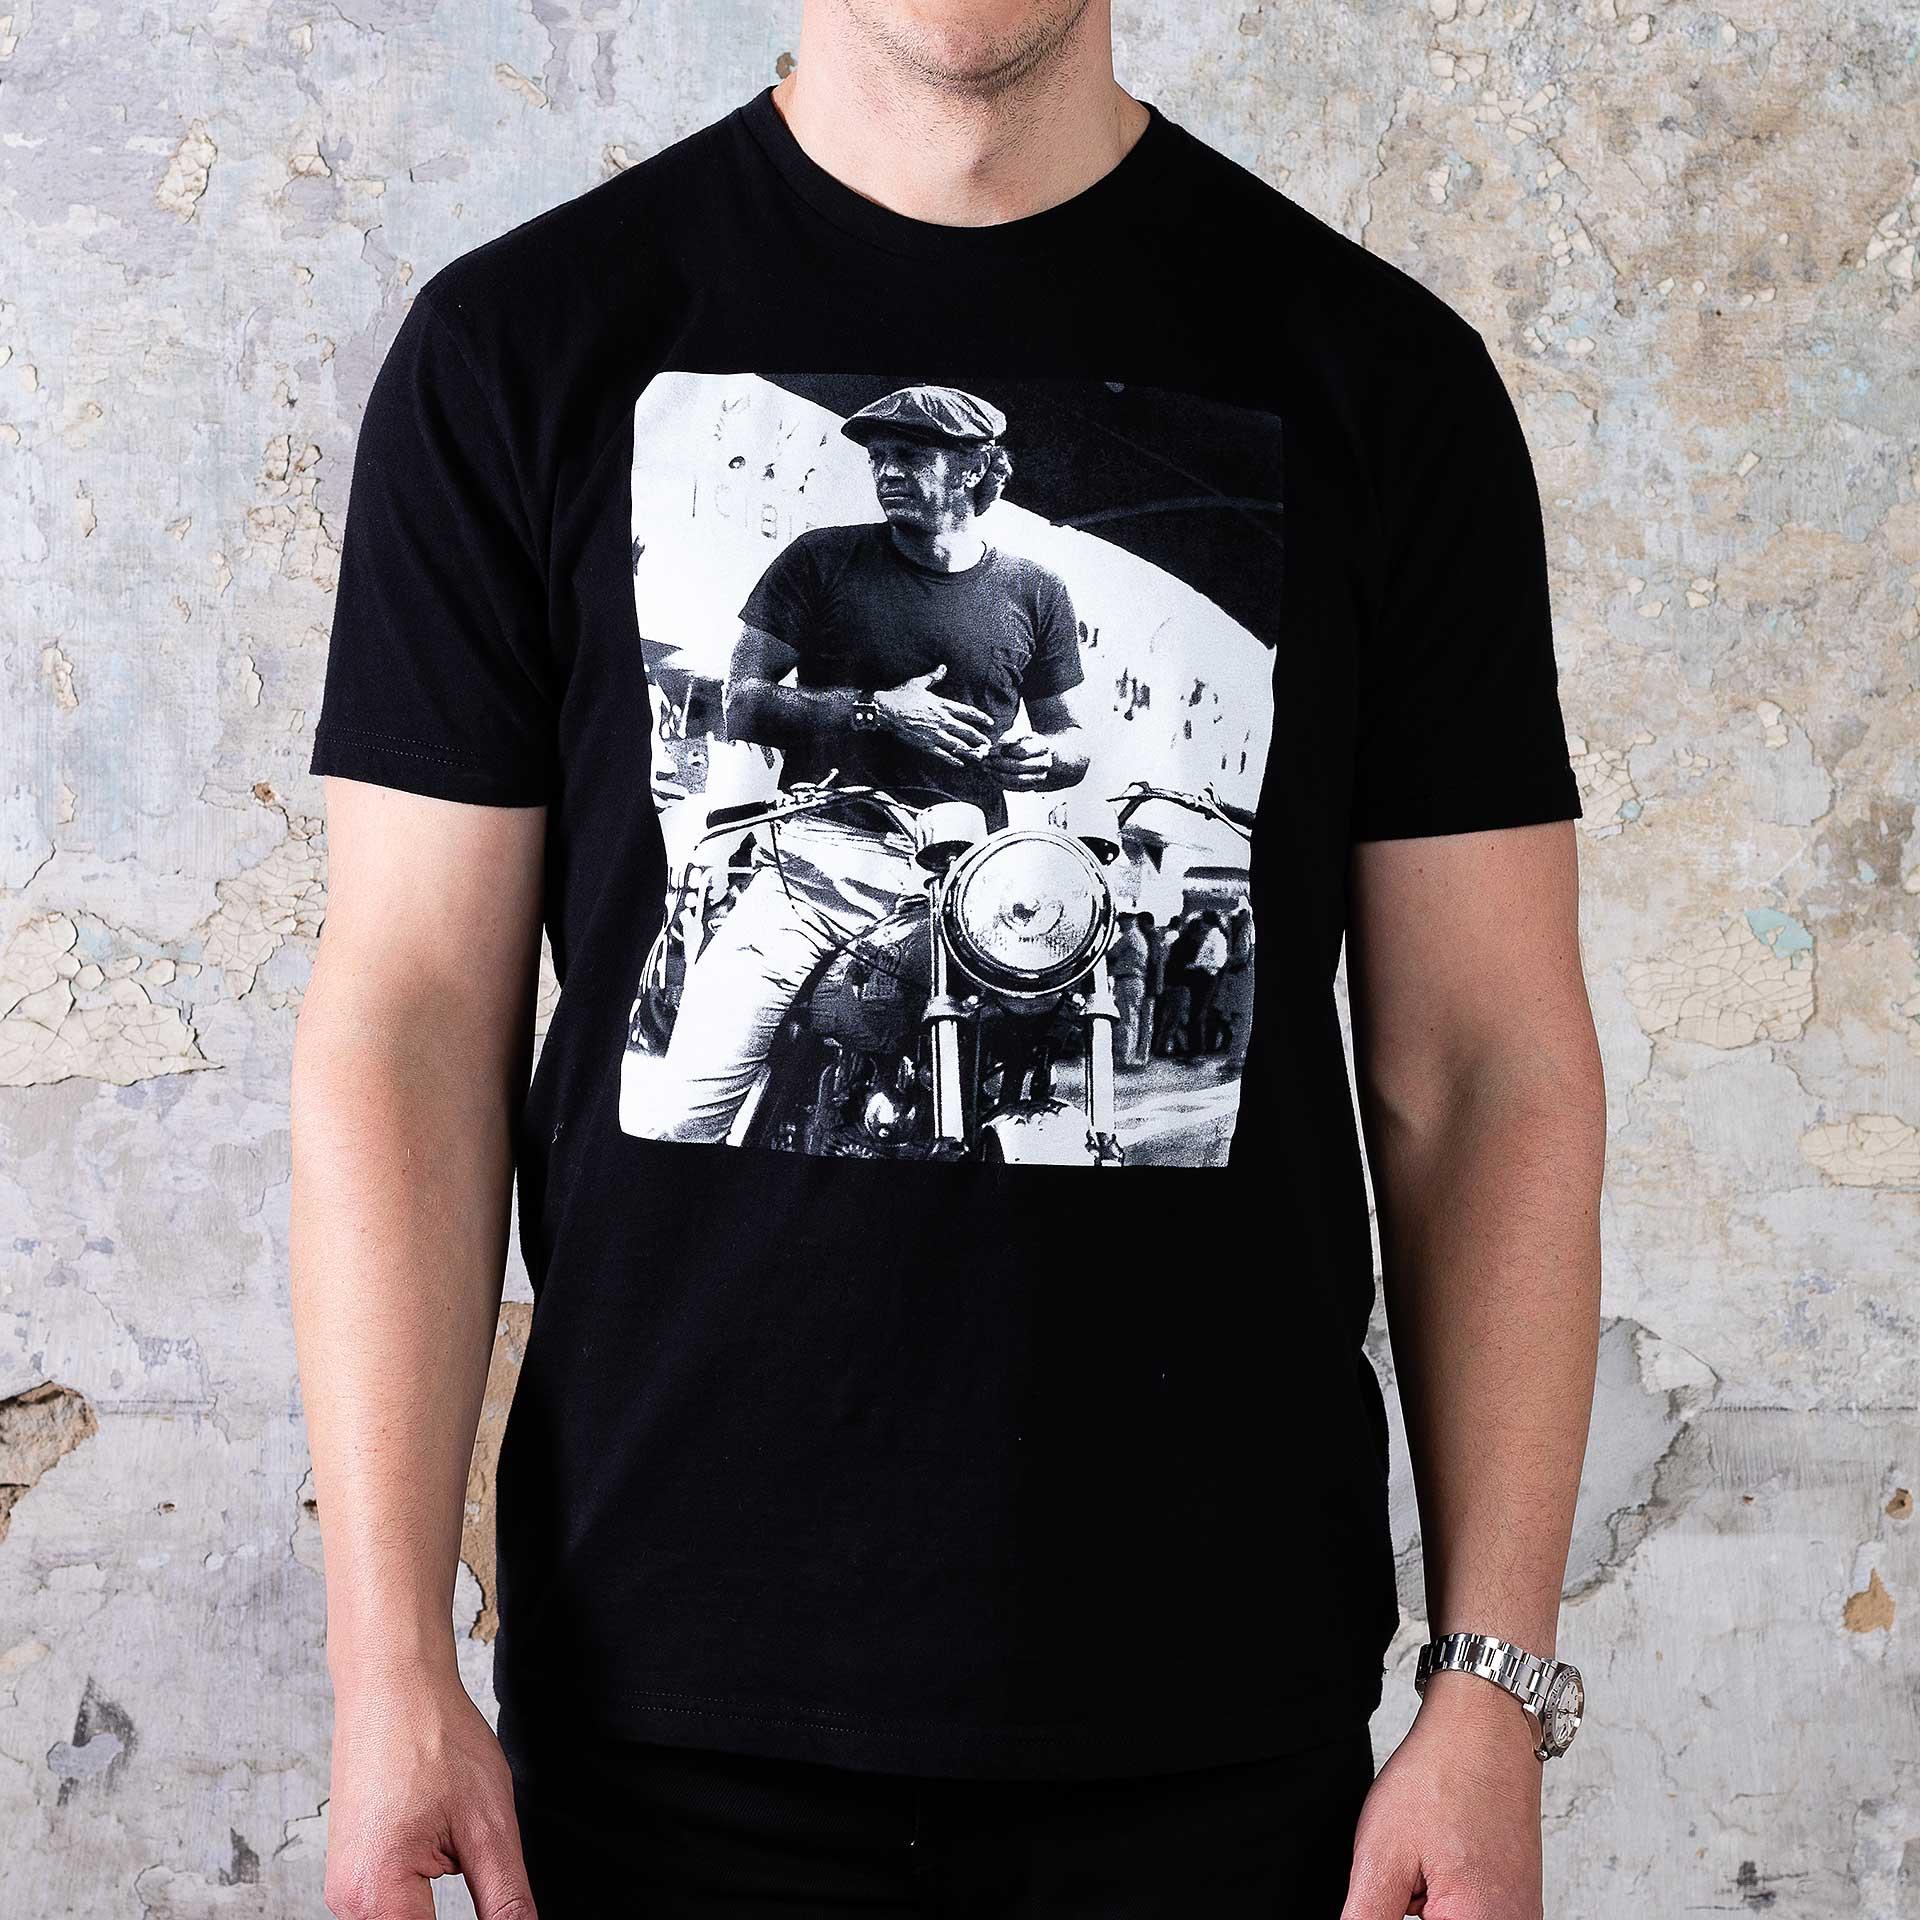 Franklin-&-Mercer-McQueen-Series-Tee-Motorcycle—Onbody-Shot